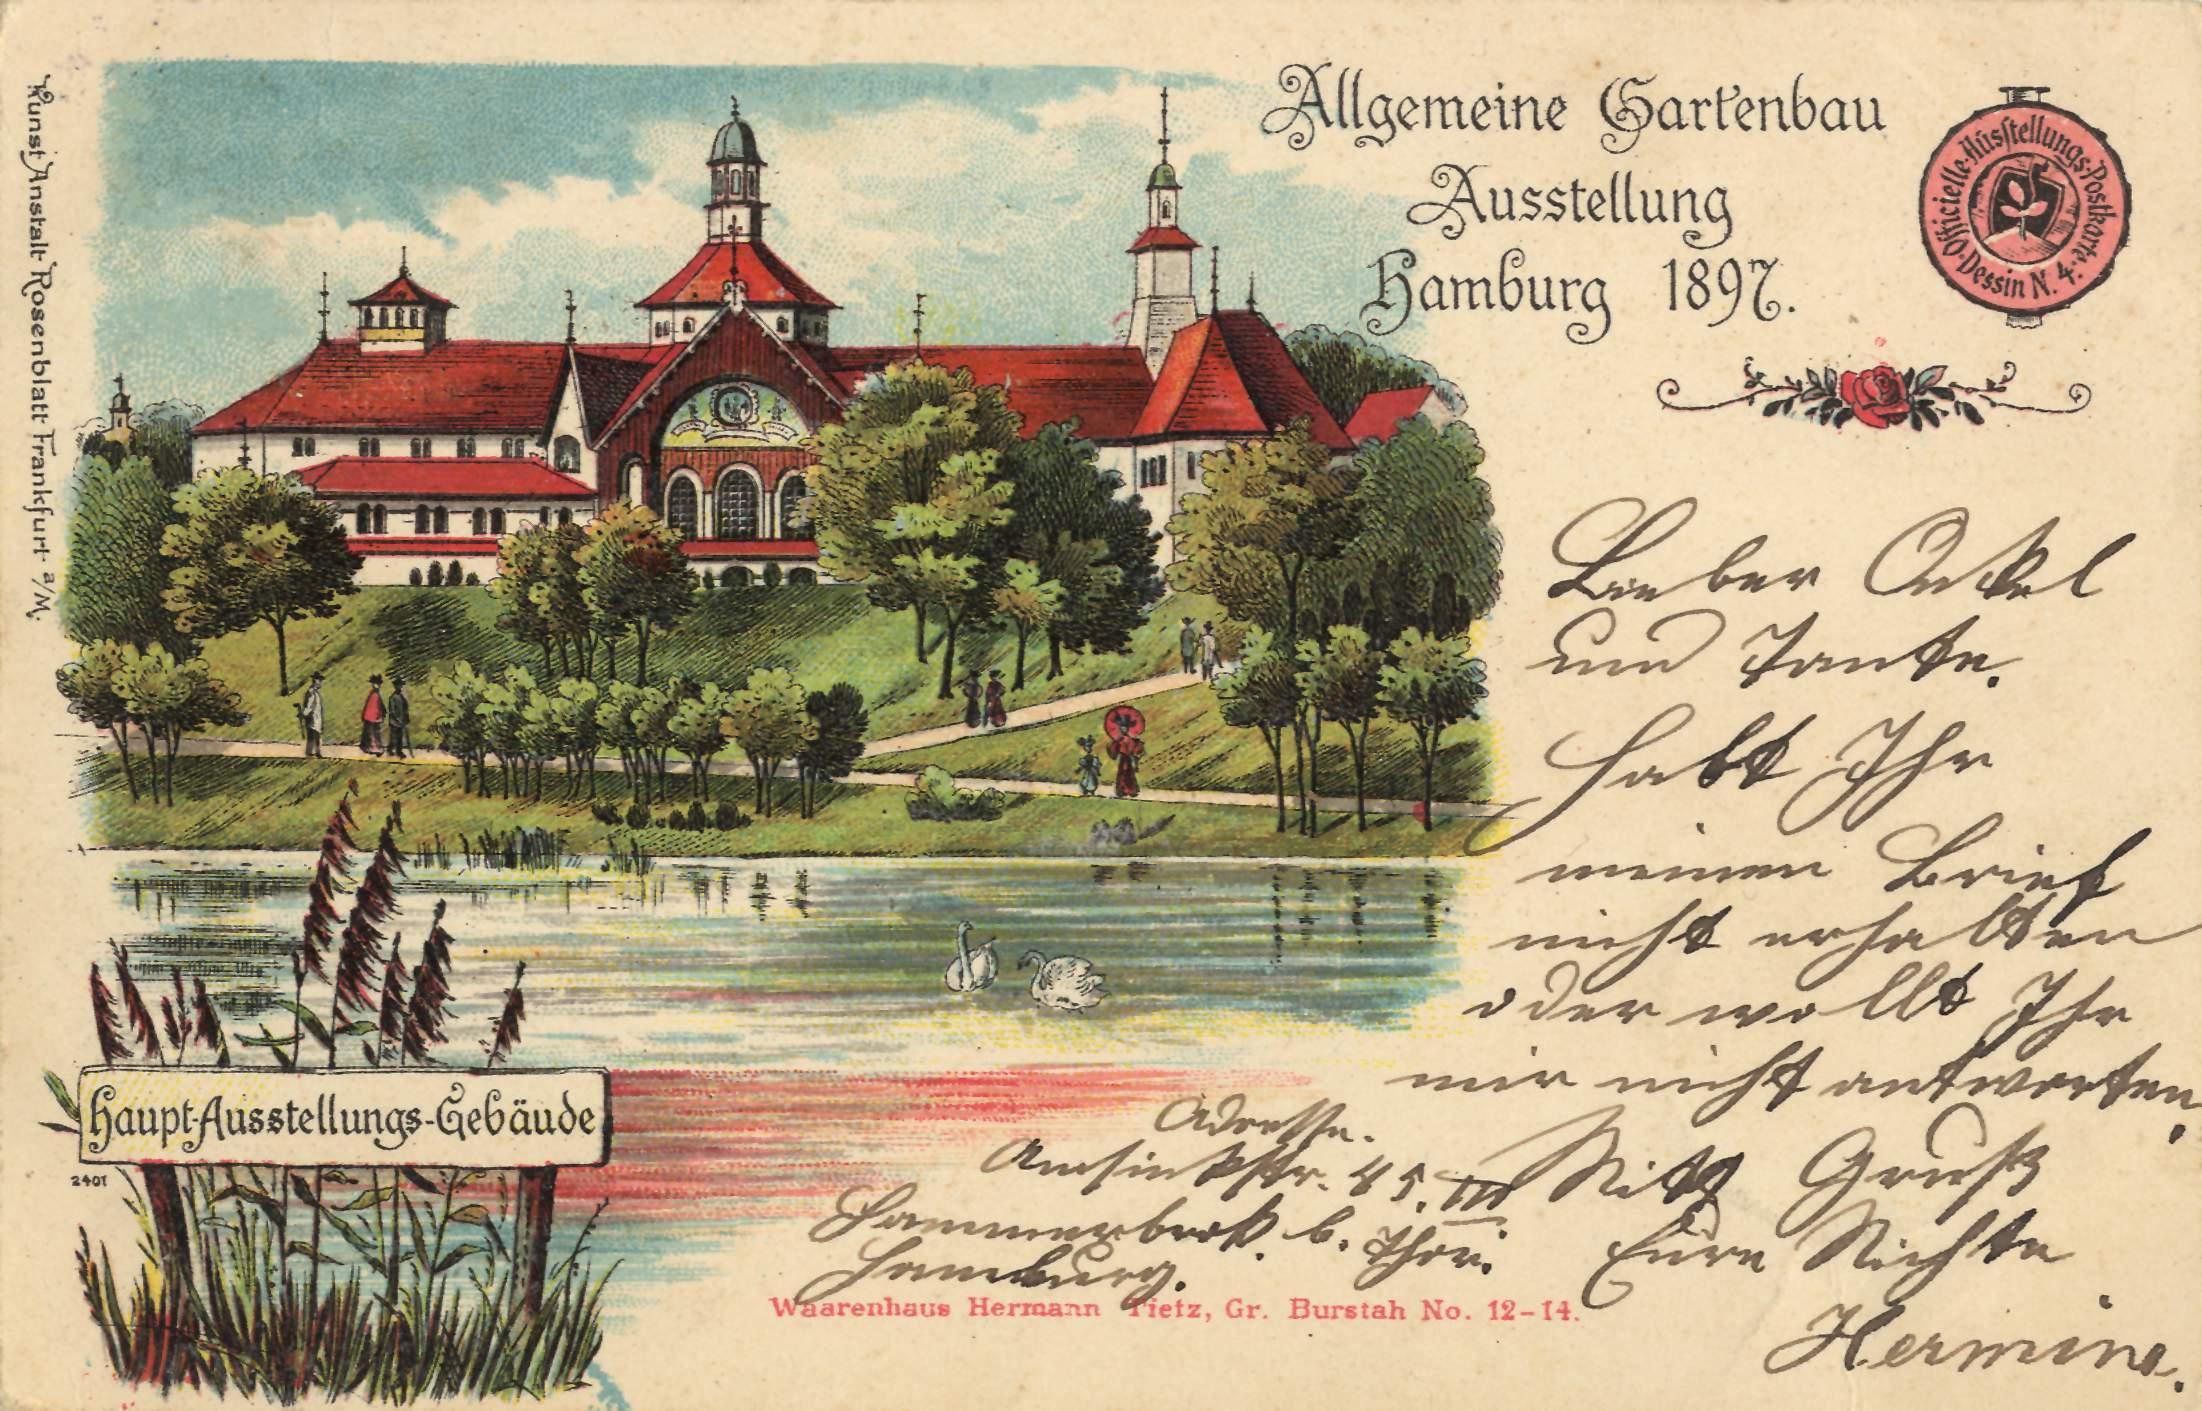 Hamburg hamburg allgemeine gartenbau ausstellung 1897 for Gartenbau hamburg